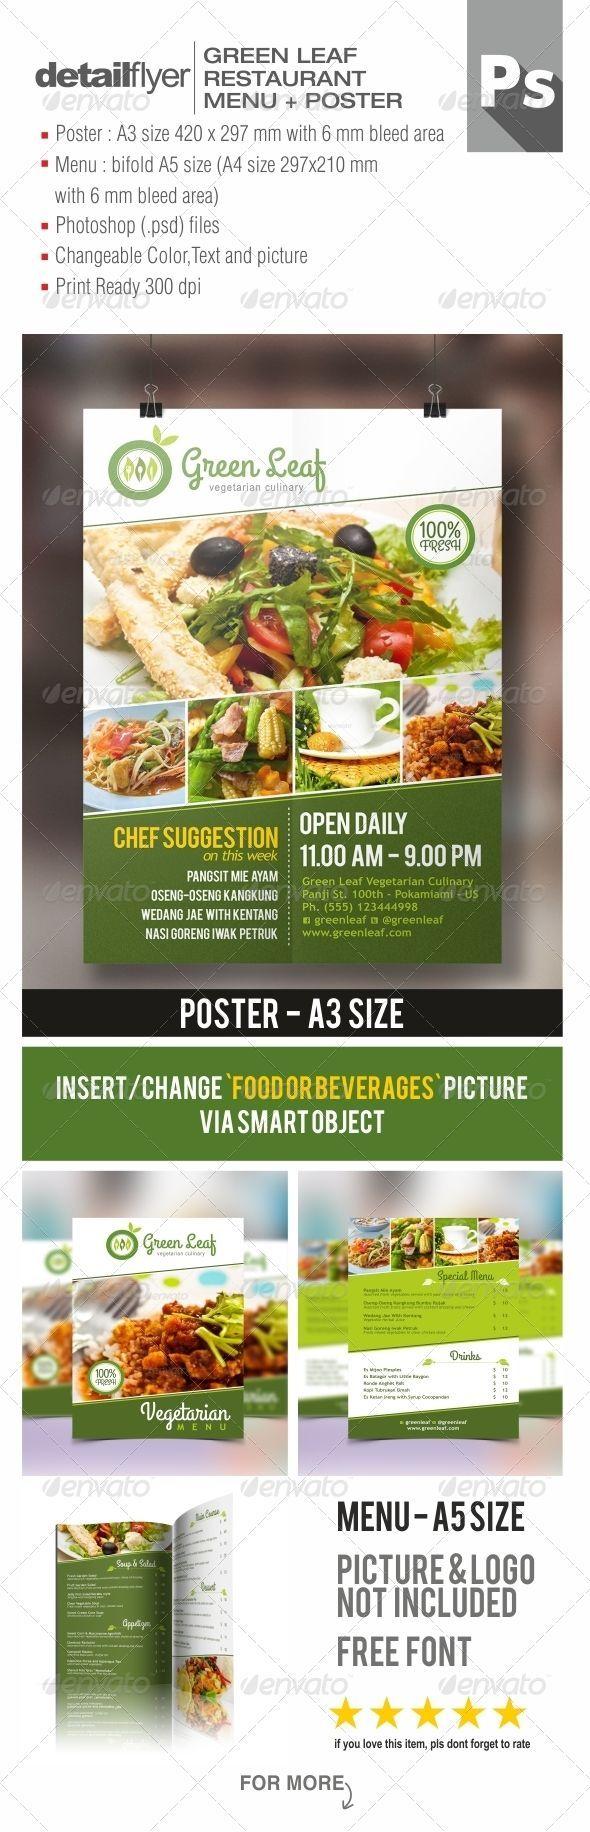 Best Restaurant Flyer Designs Images On   Flyer Design